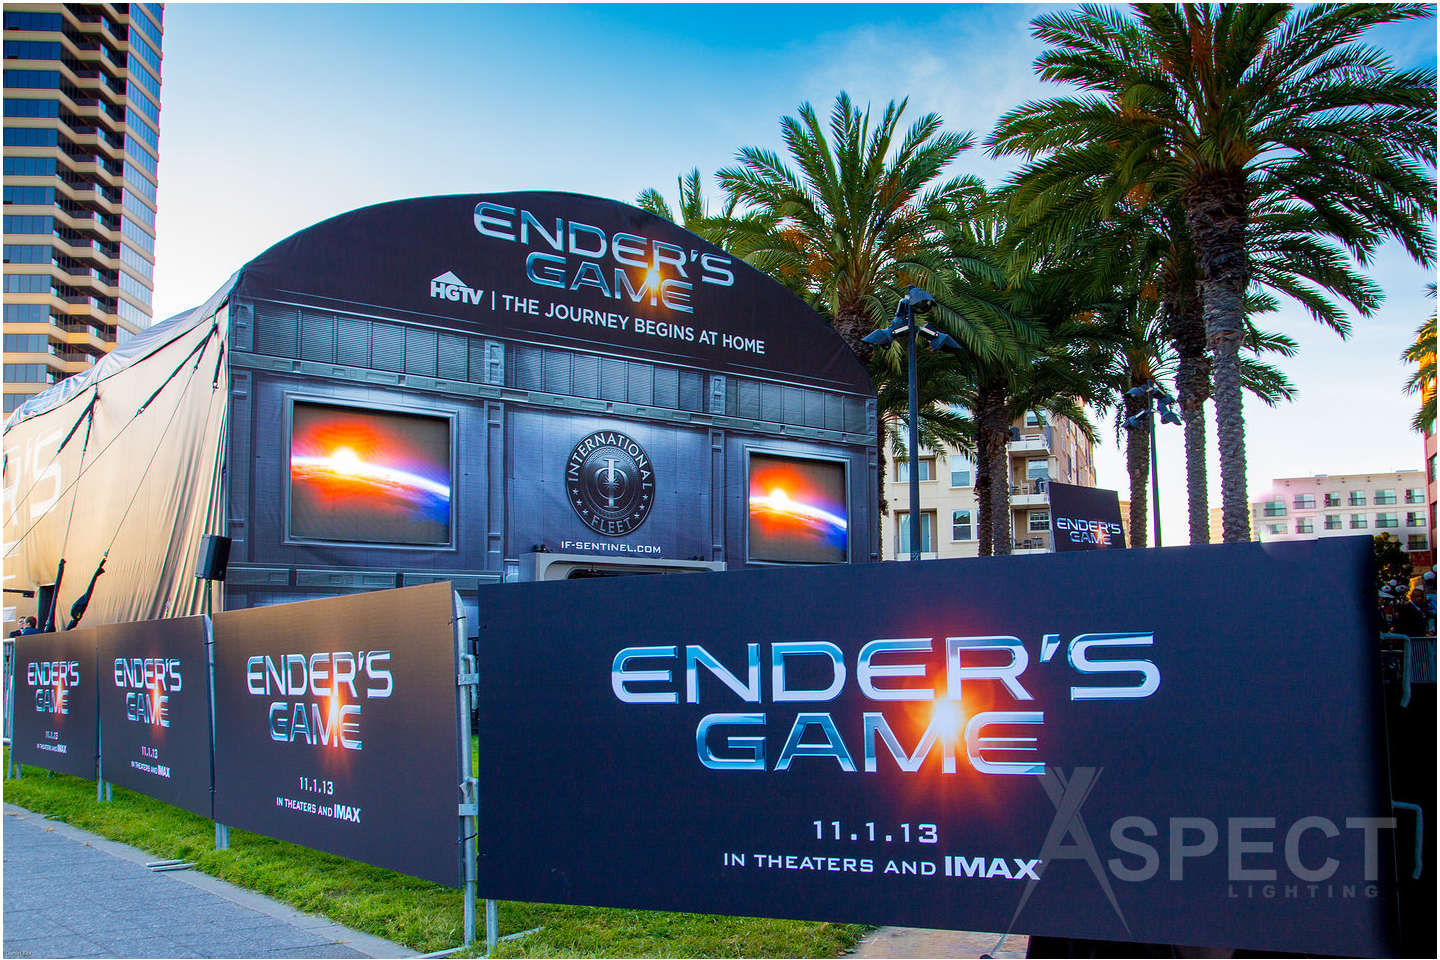 Enders-game-3.jpg